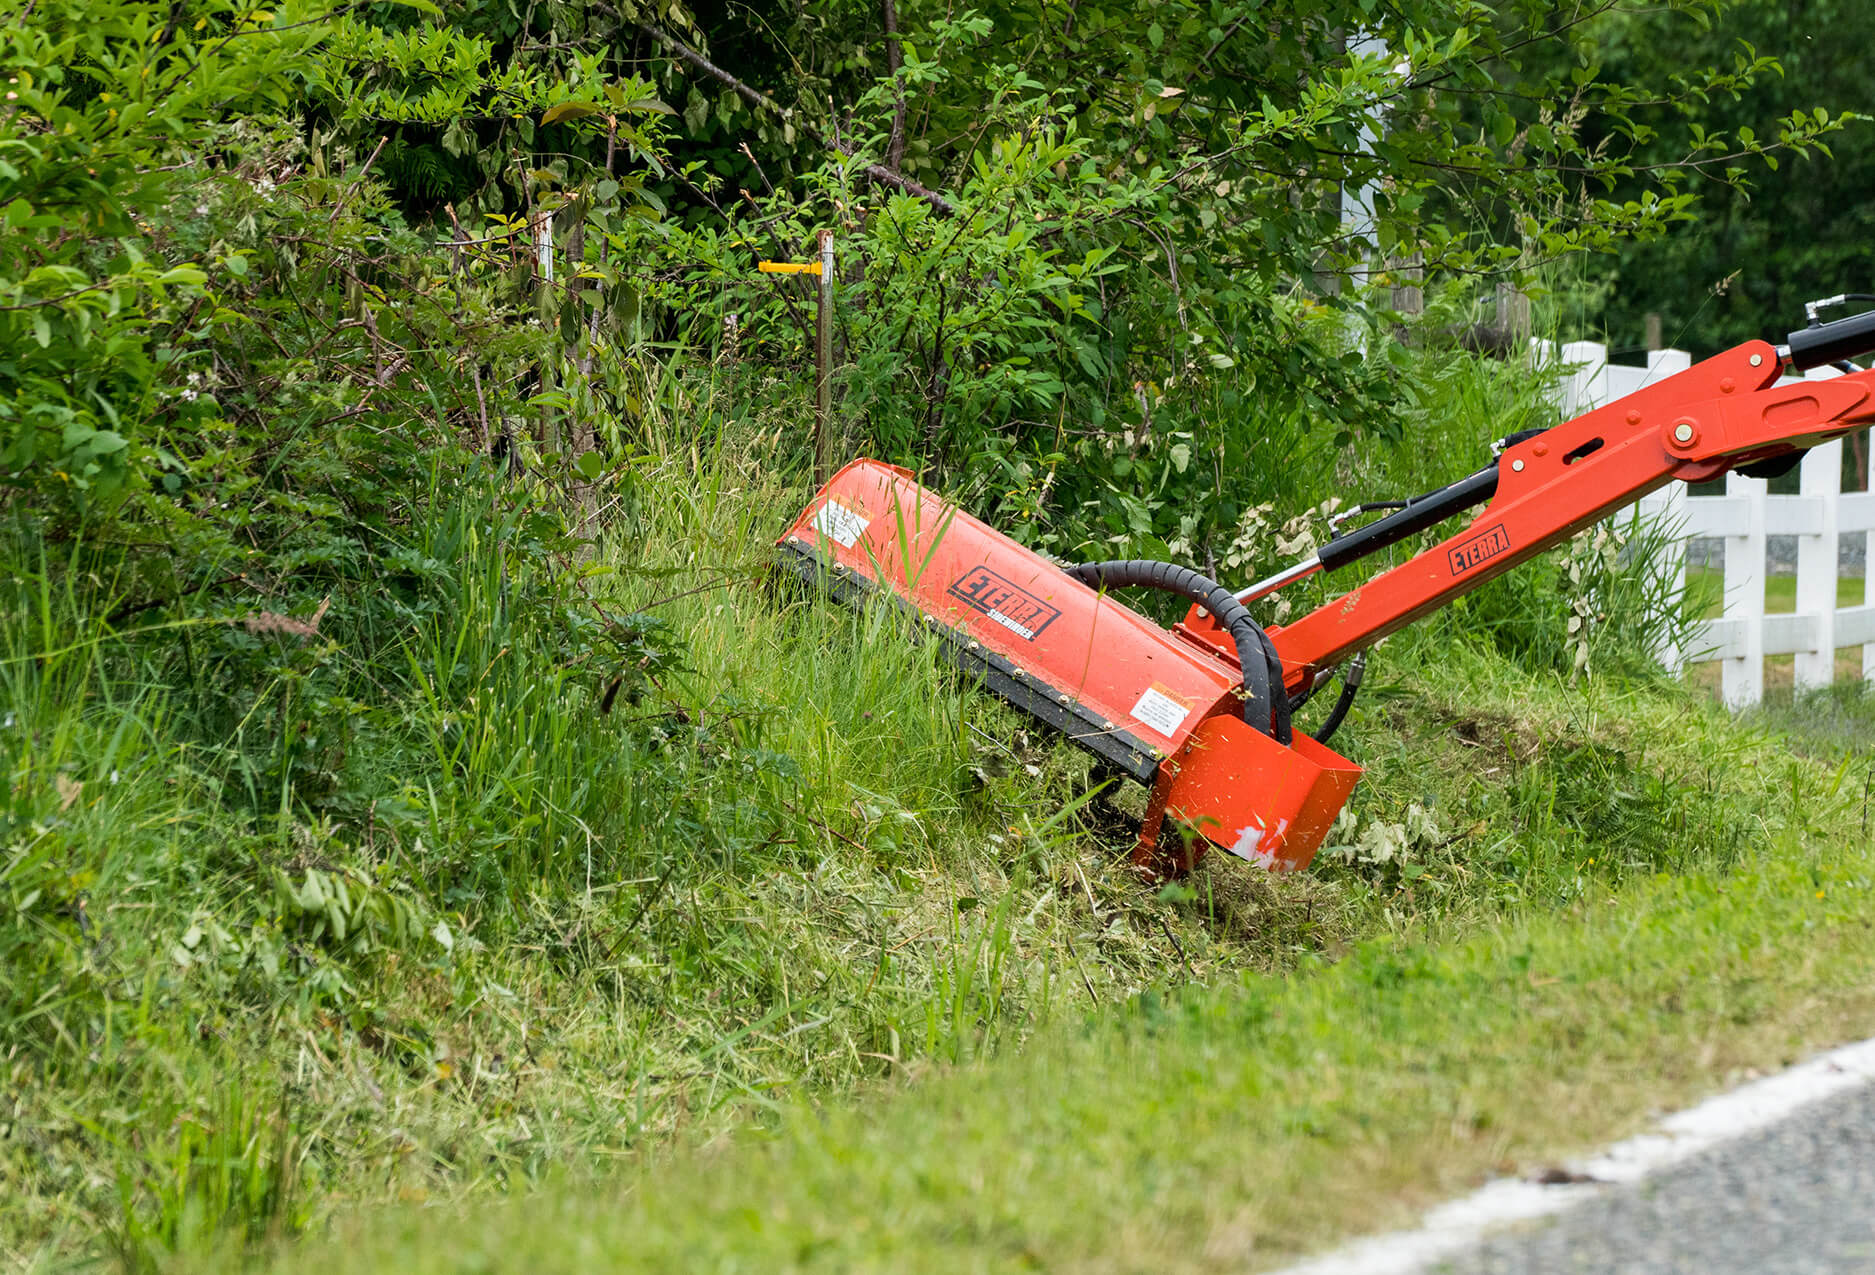 Eterra Sidewinder Skid Steer flail mower on Raptor boom arm mowing hillside